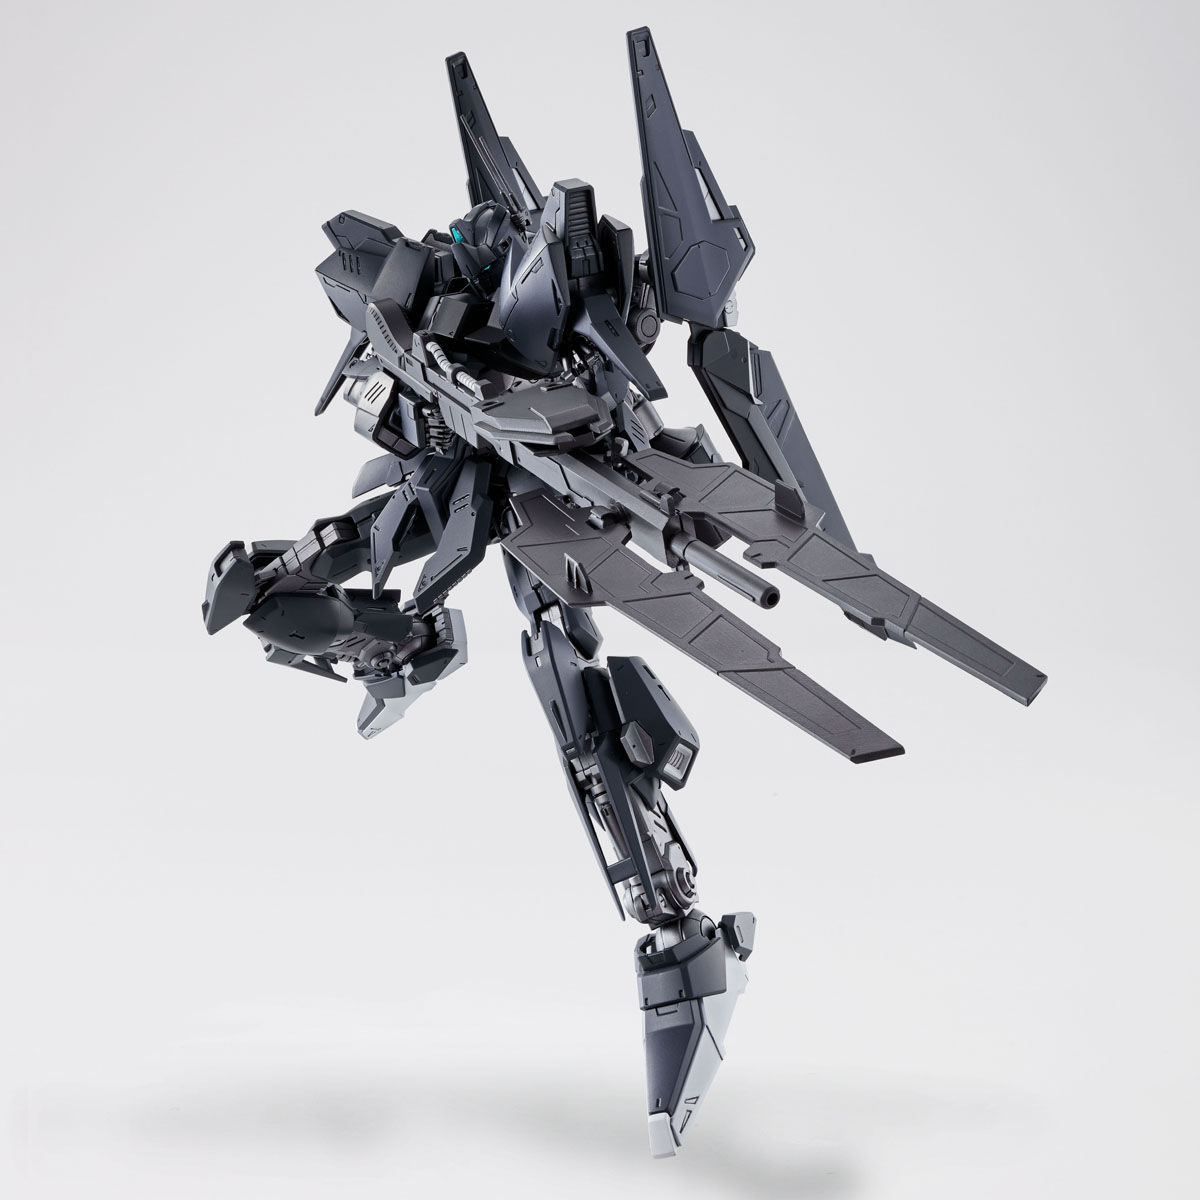 MG 1/100『百式壊』プラモデル-007